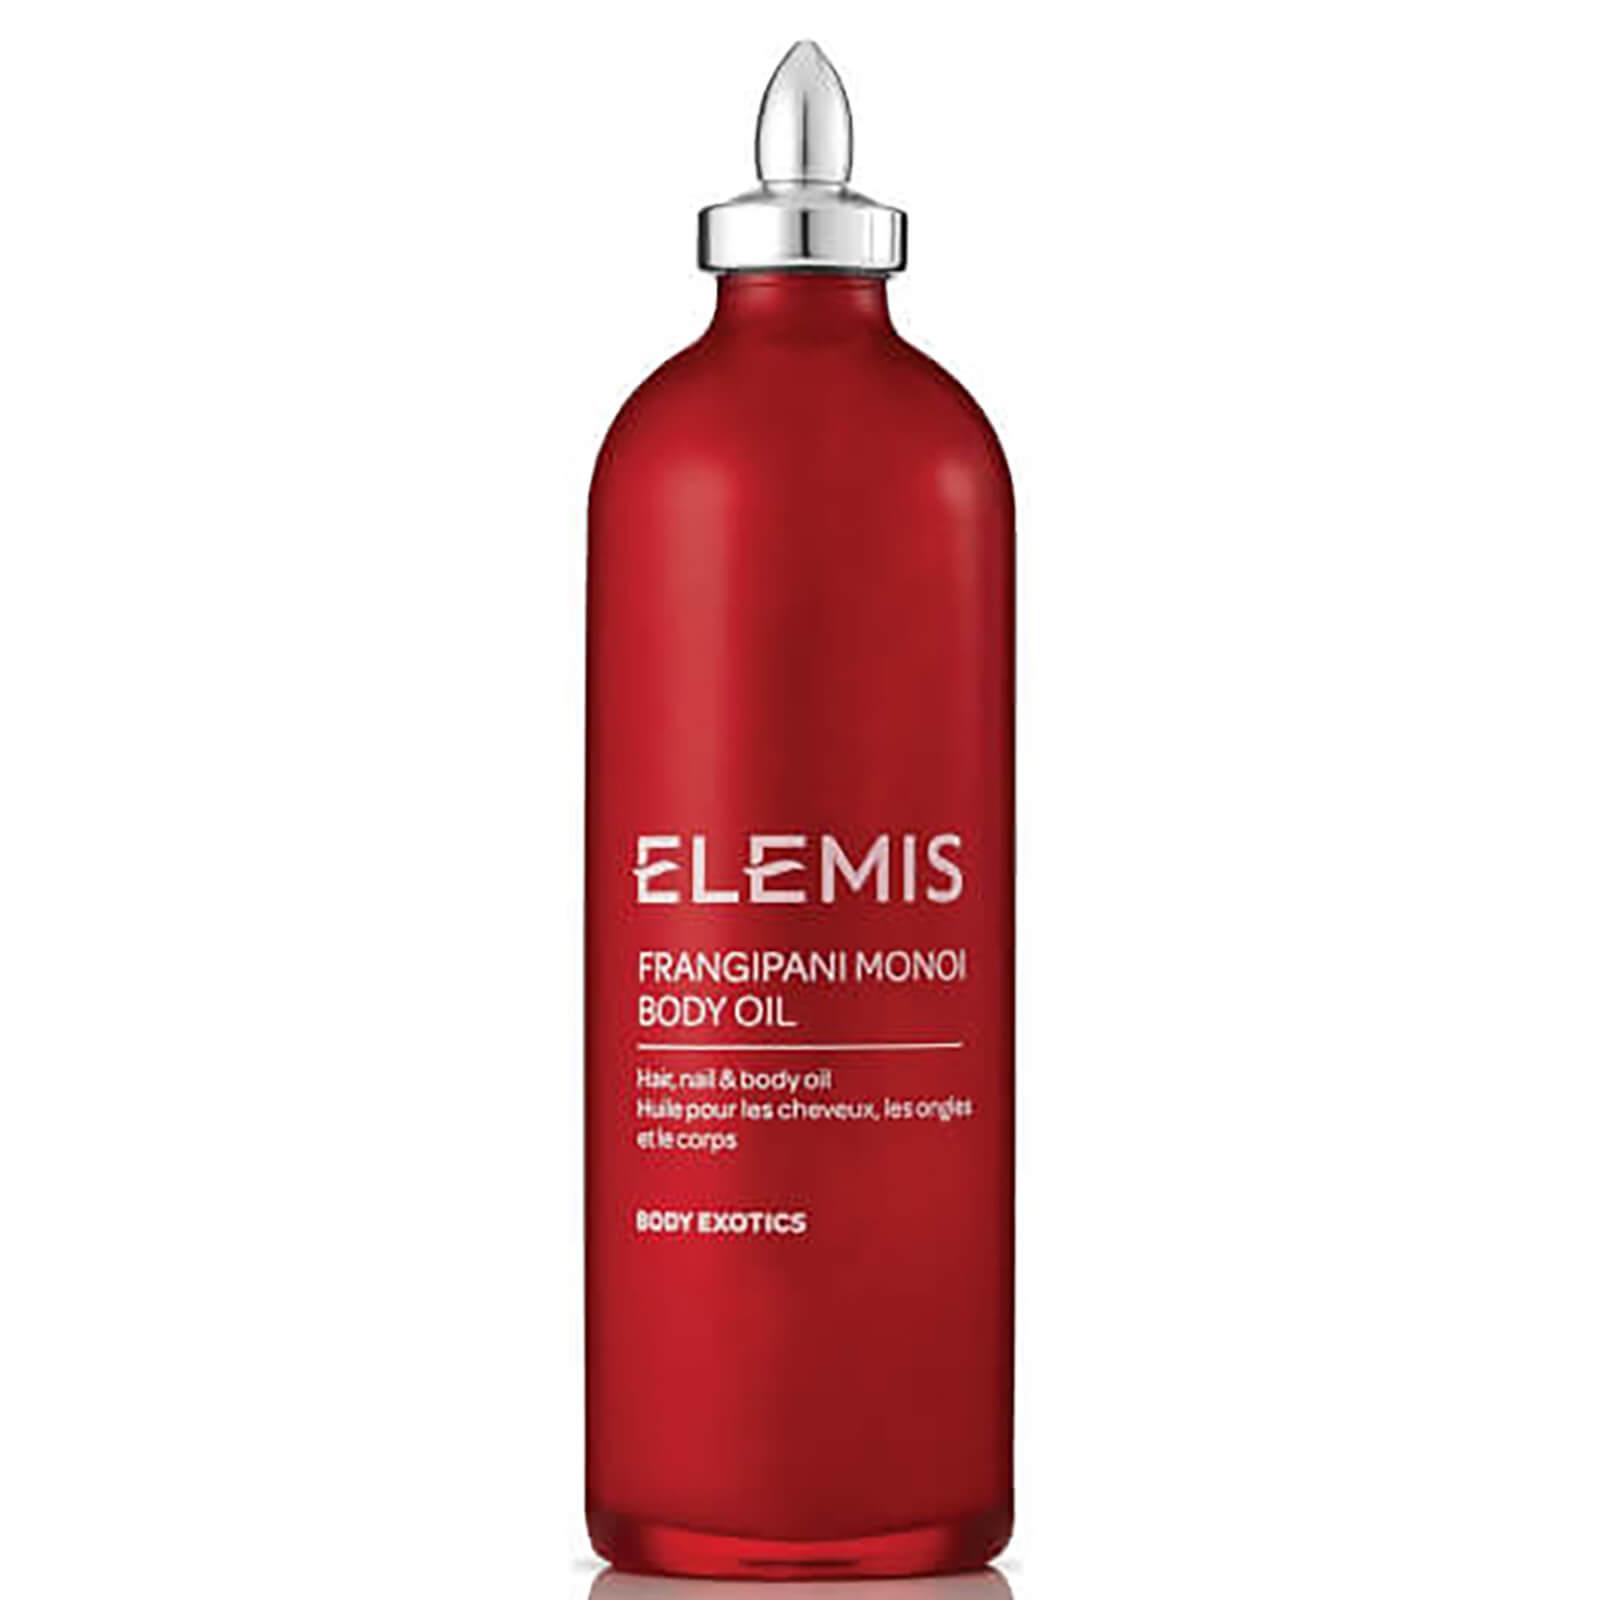 Elemis Frangipani Monoi Body Oil 100ml